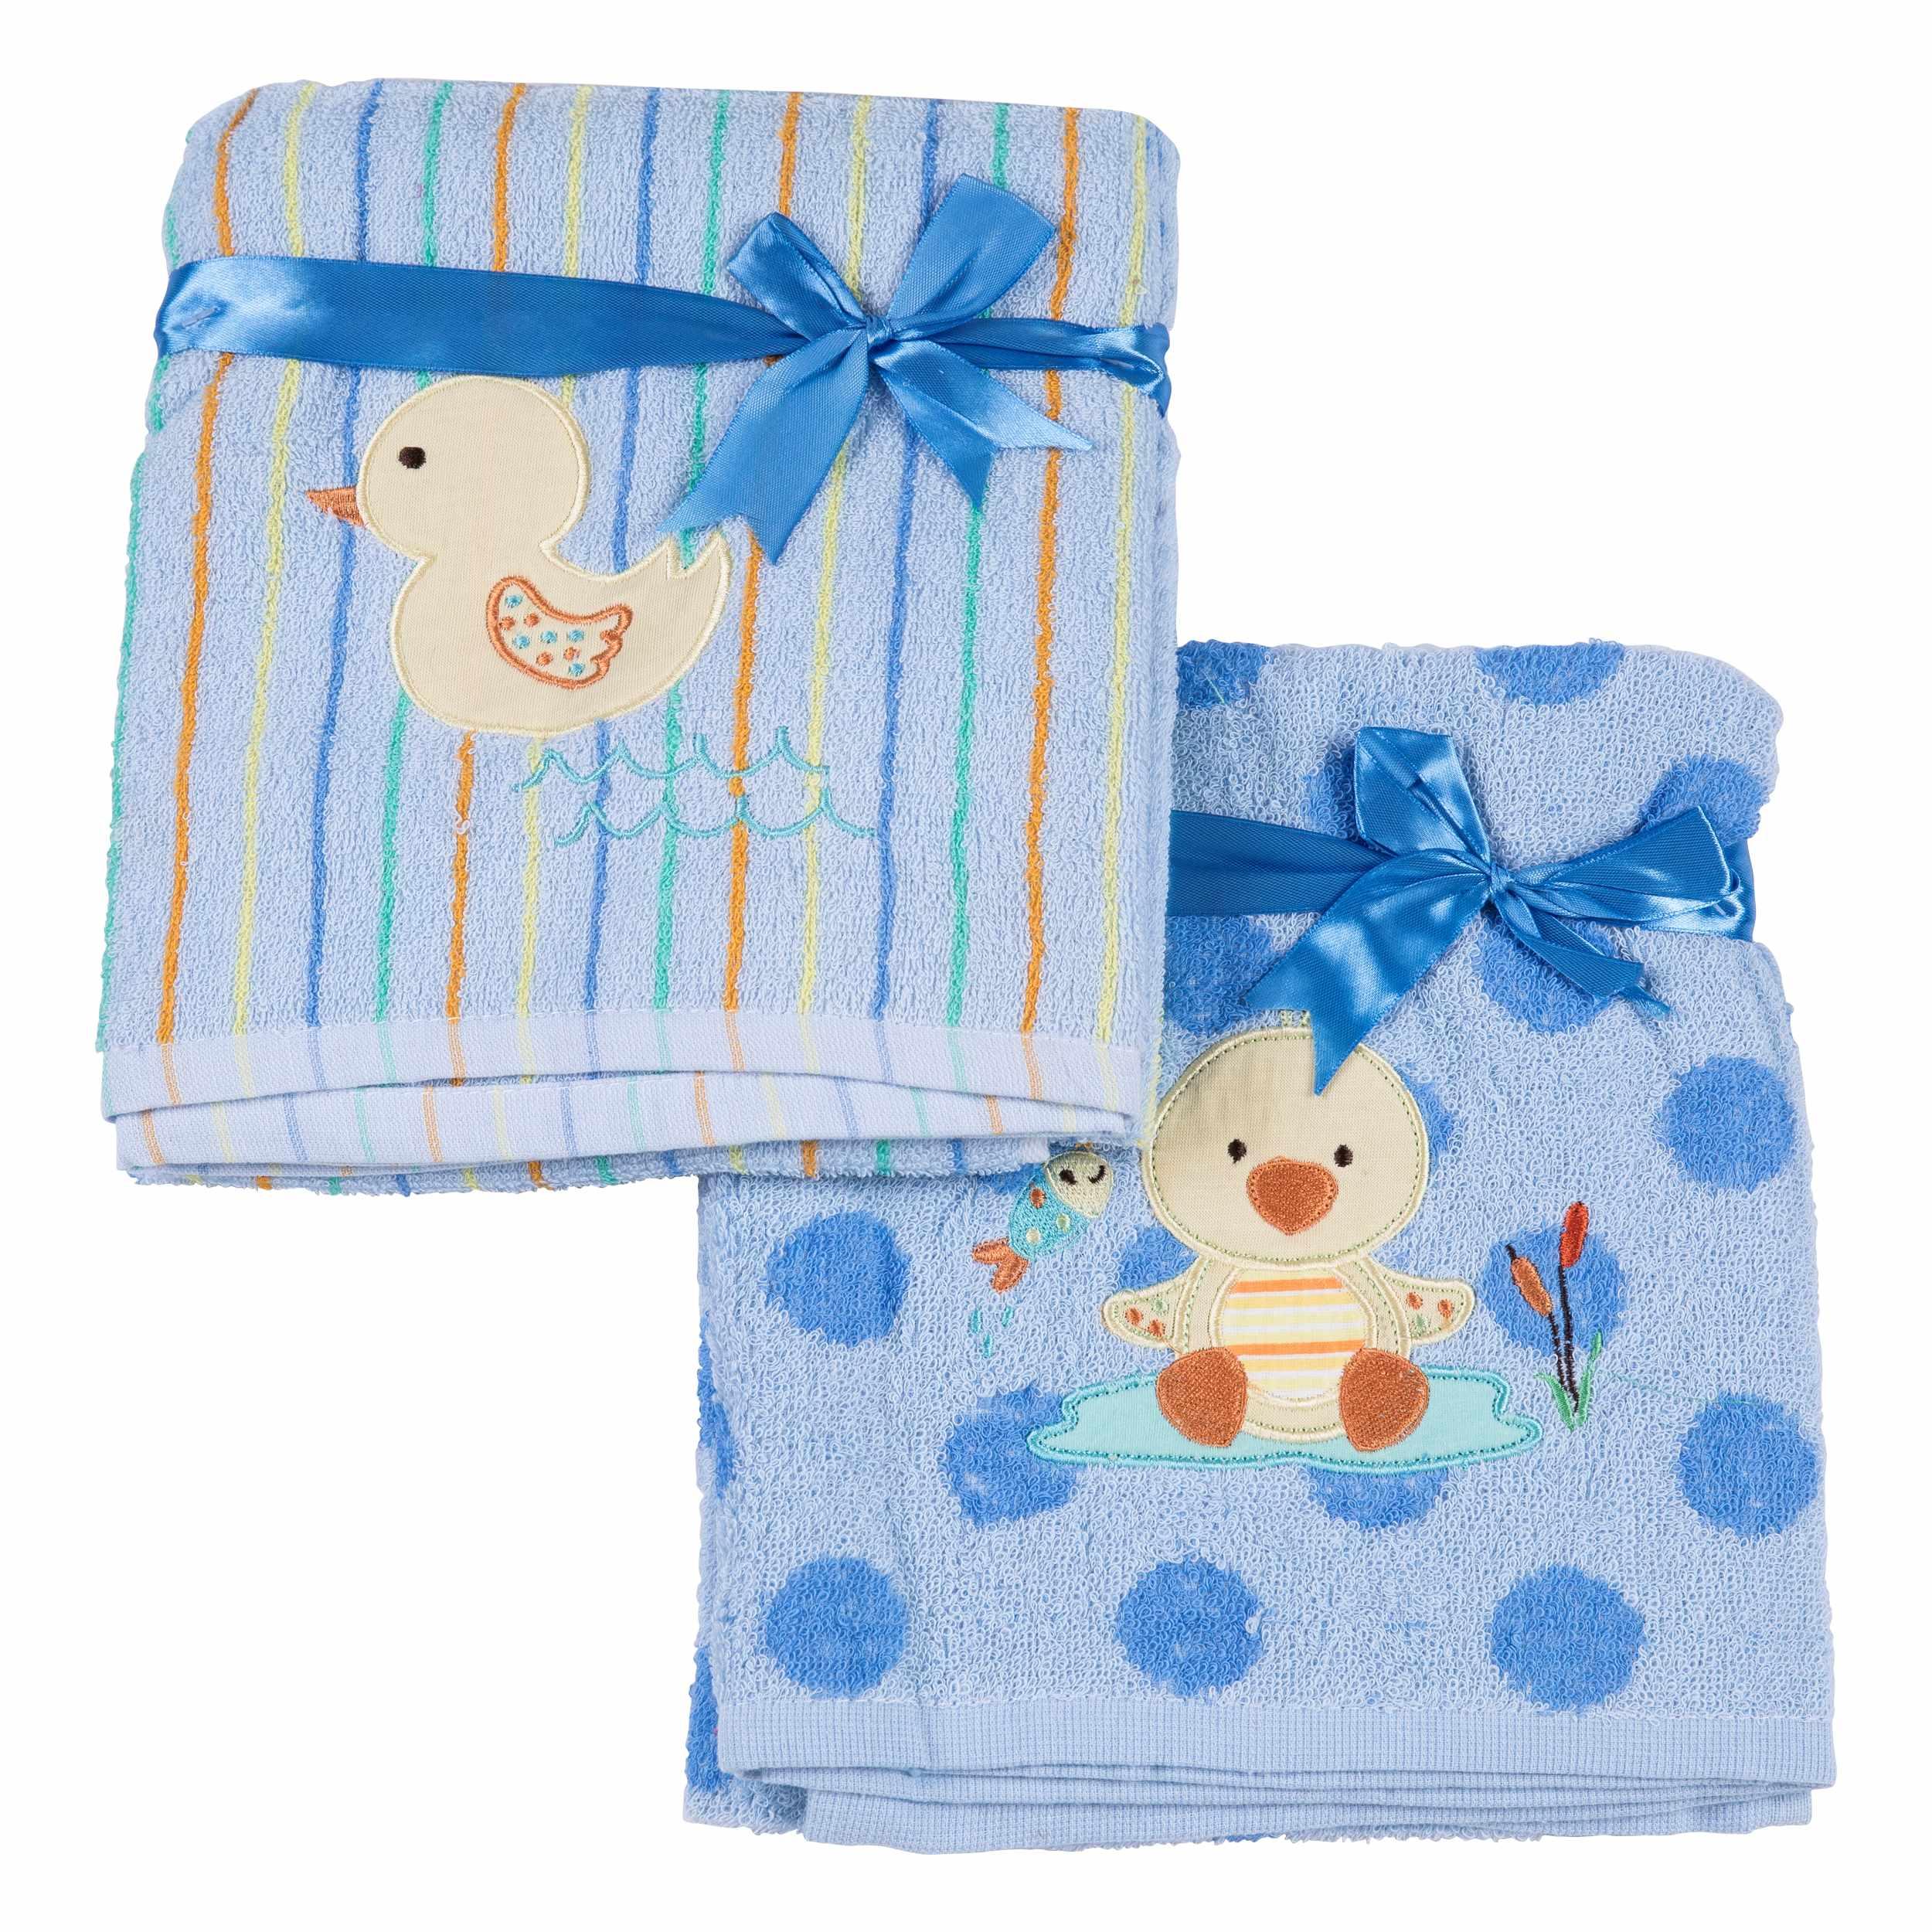 זוג מגבות פליטה לתינוק - כחול